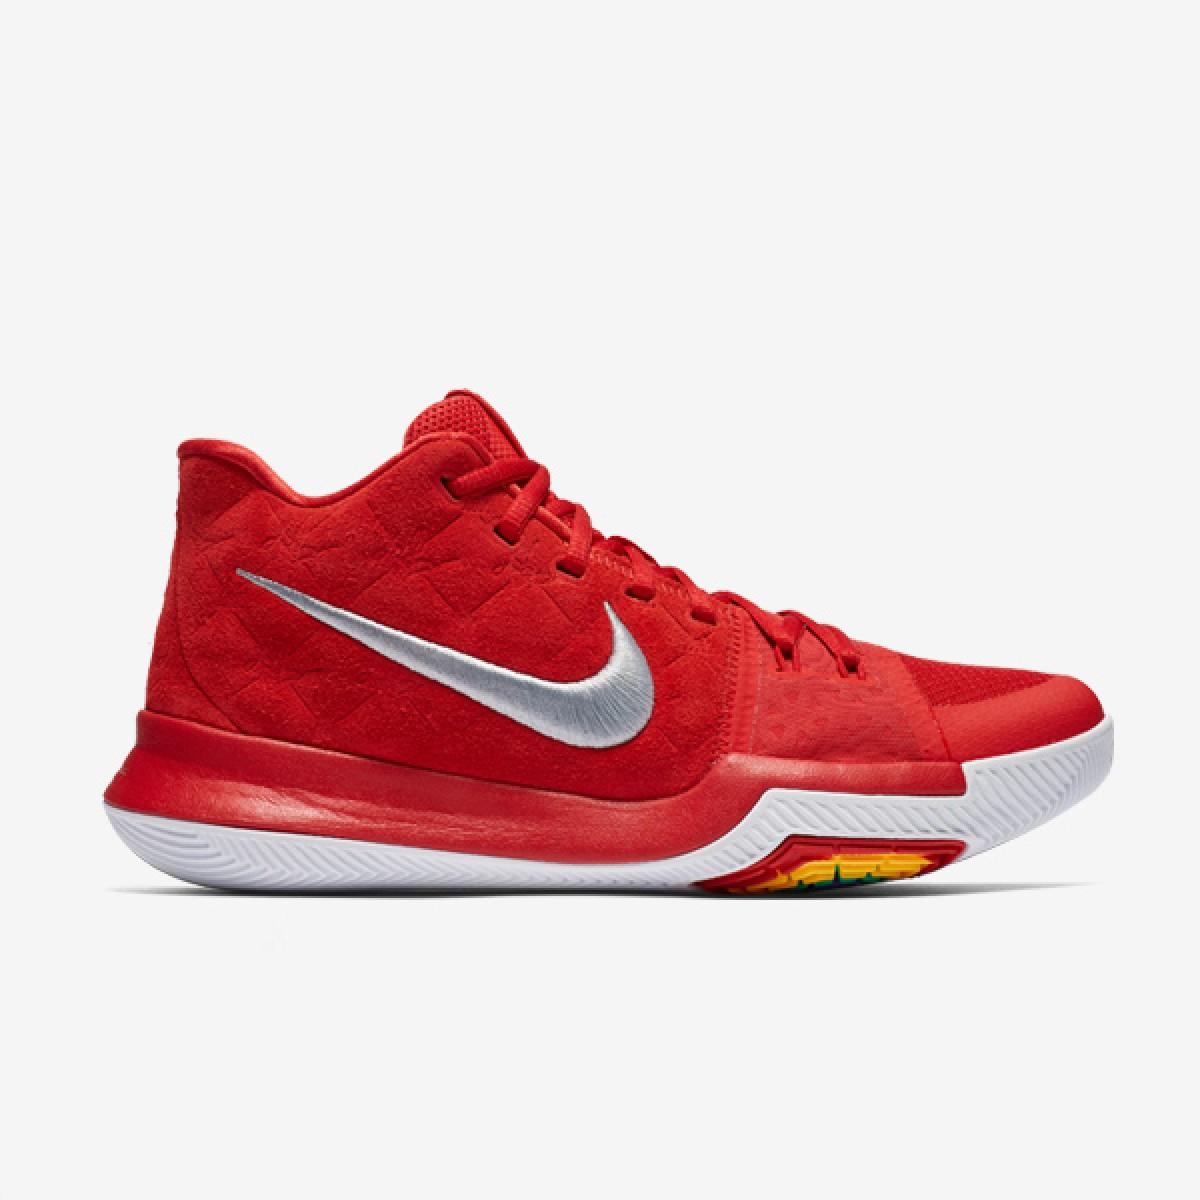 Nike Kyrie 3 'Inferno'